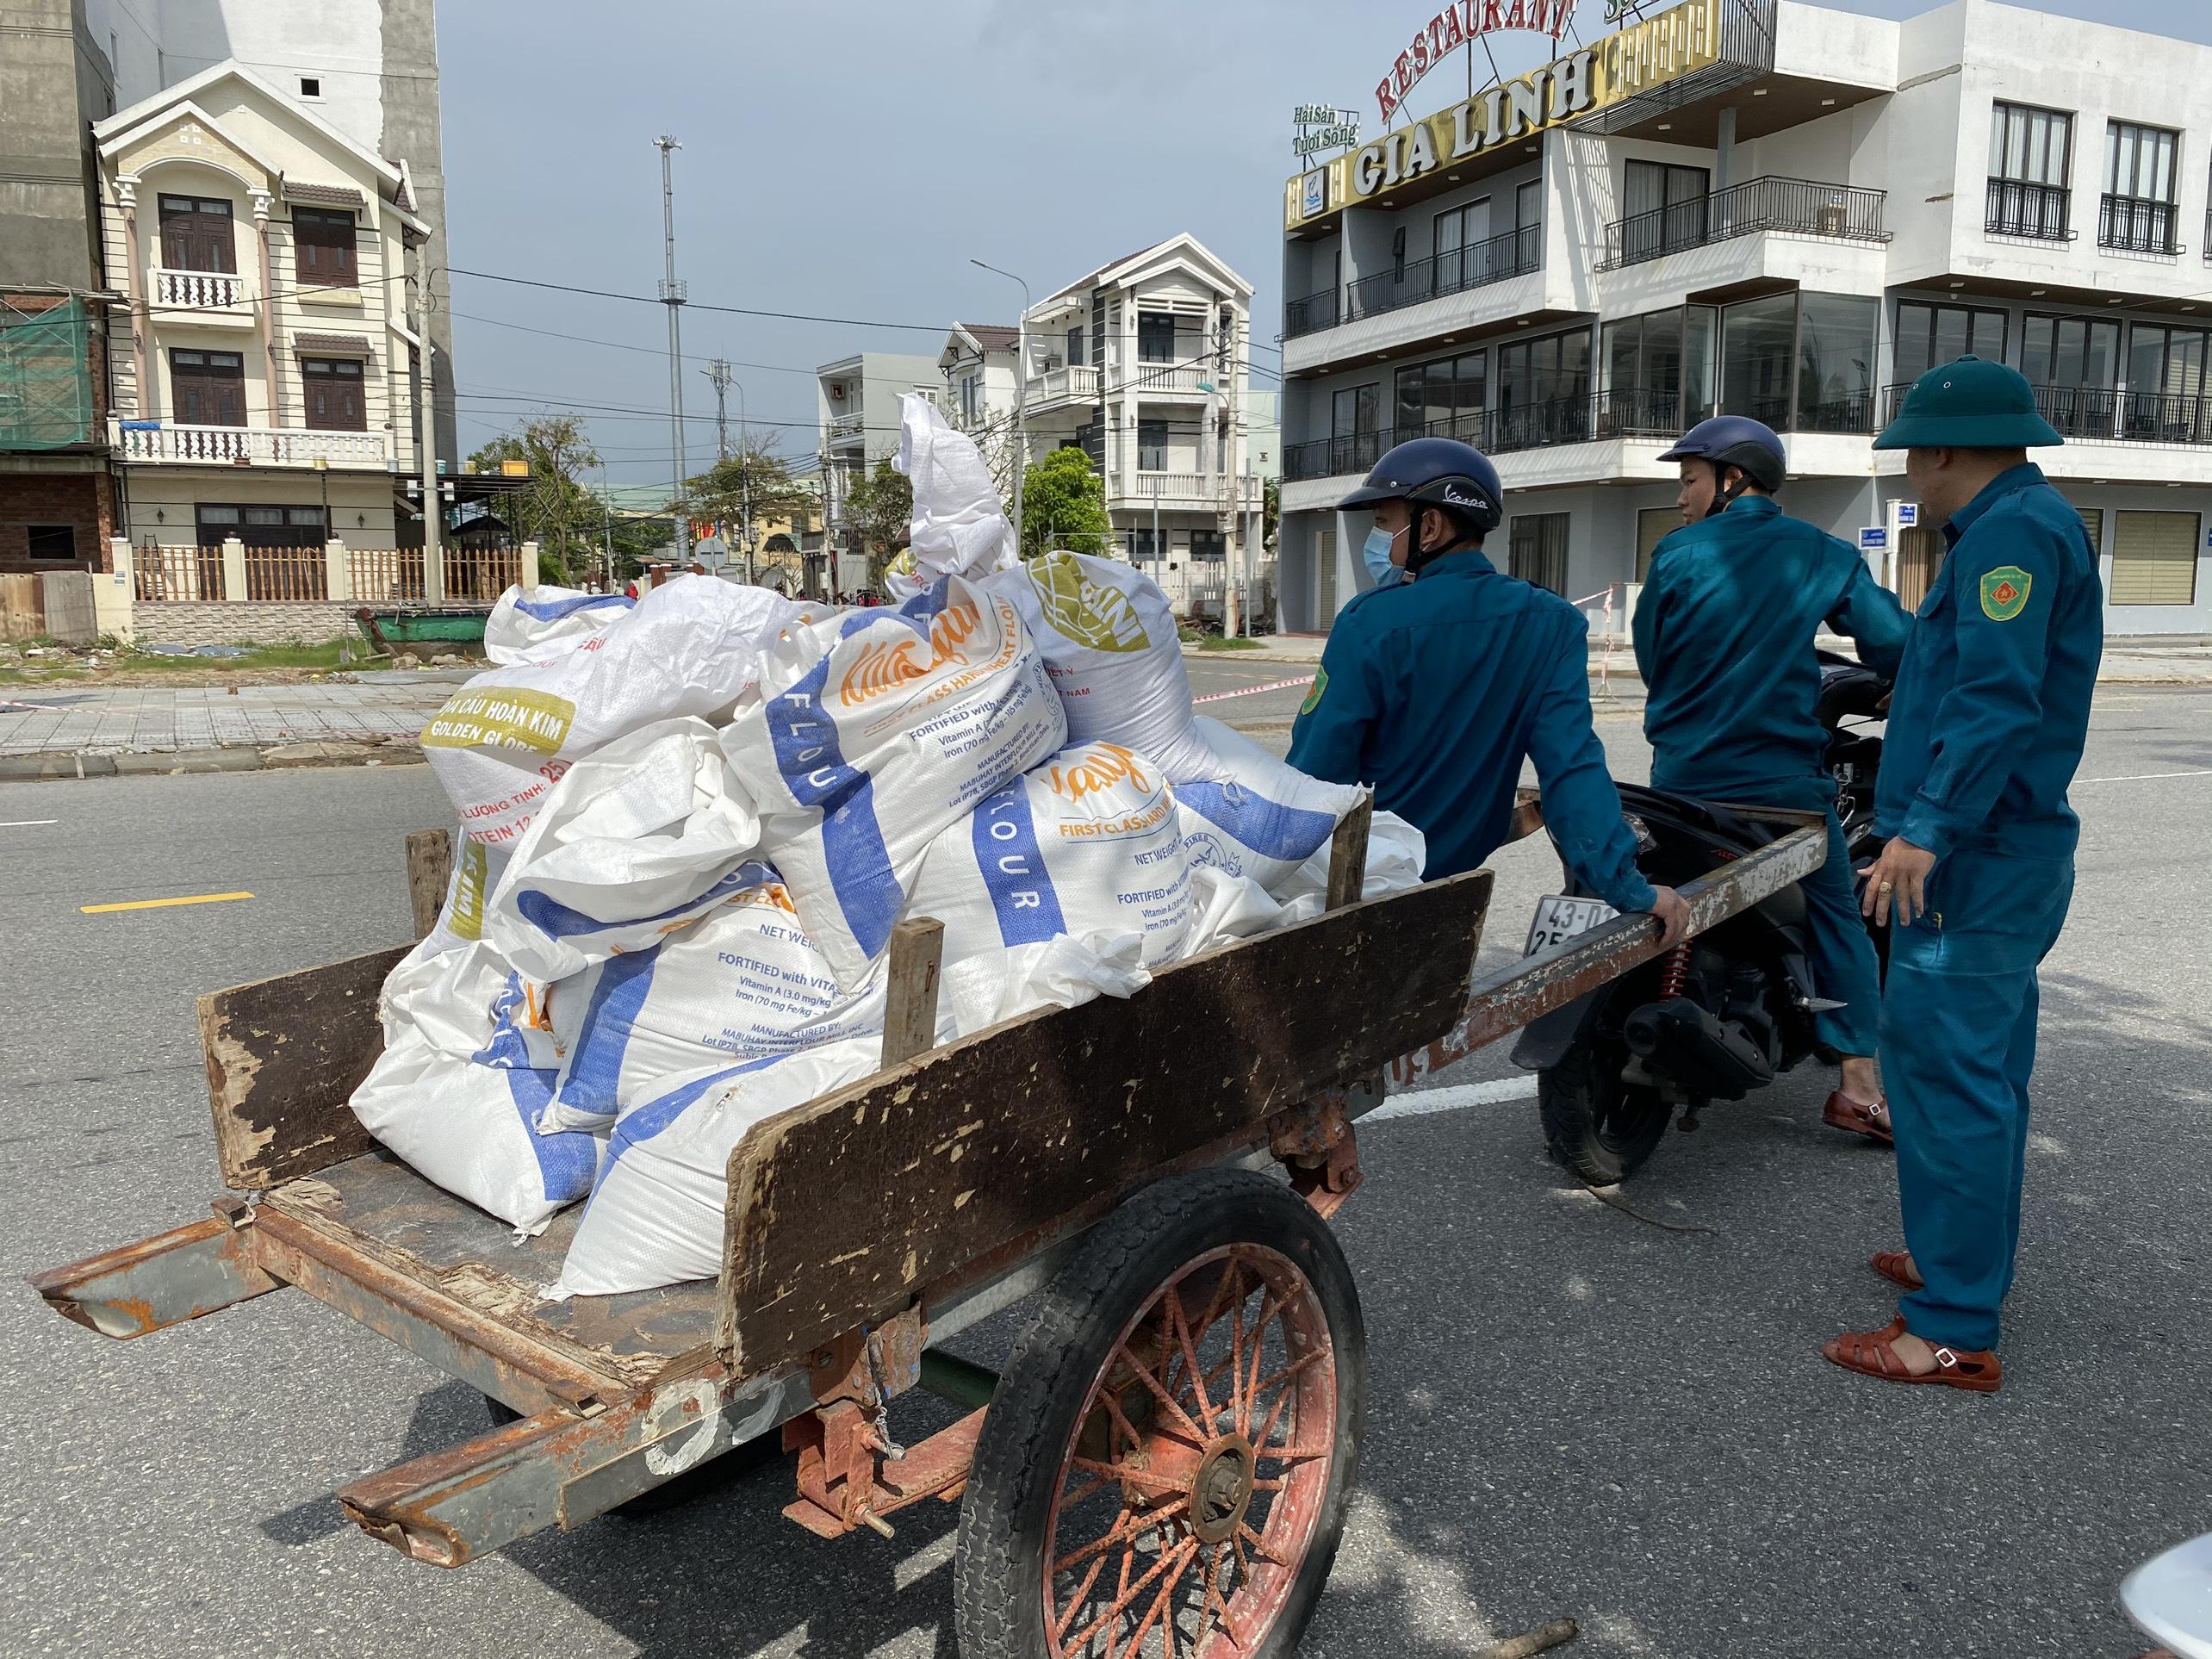 [Ảnh] Xe tải cẩu chở thuyền đến nơi an toàn, công an, bộ đội giúp người Đà Nẵng chằng chống nhà cửa đón bão số 9 - Ảnh 7.